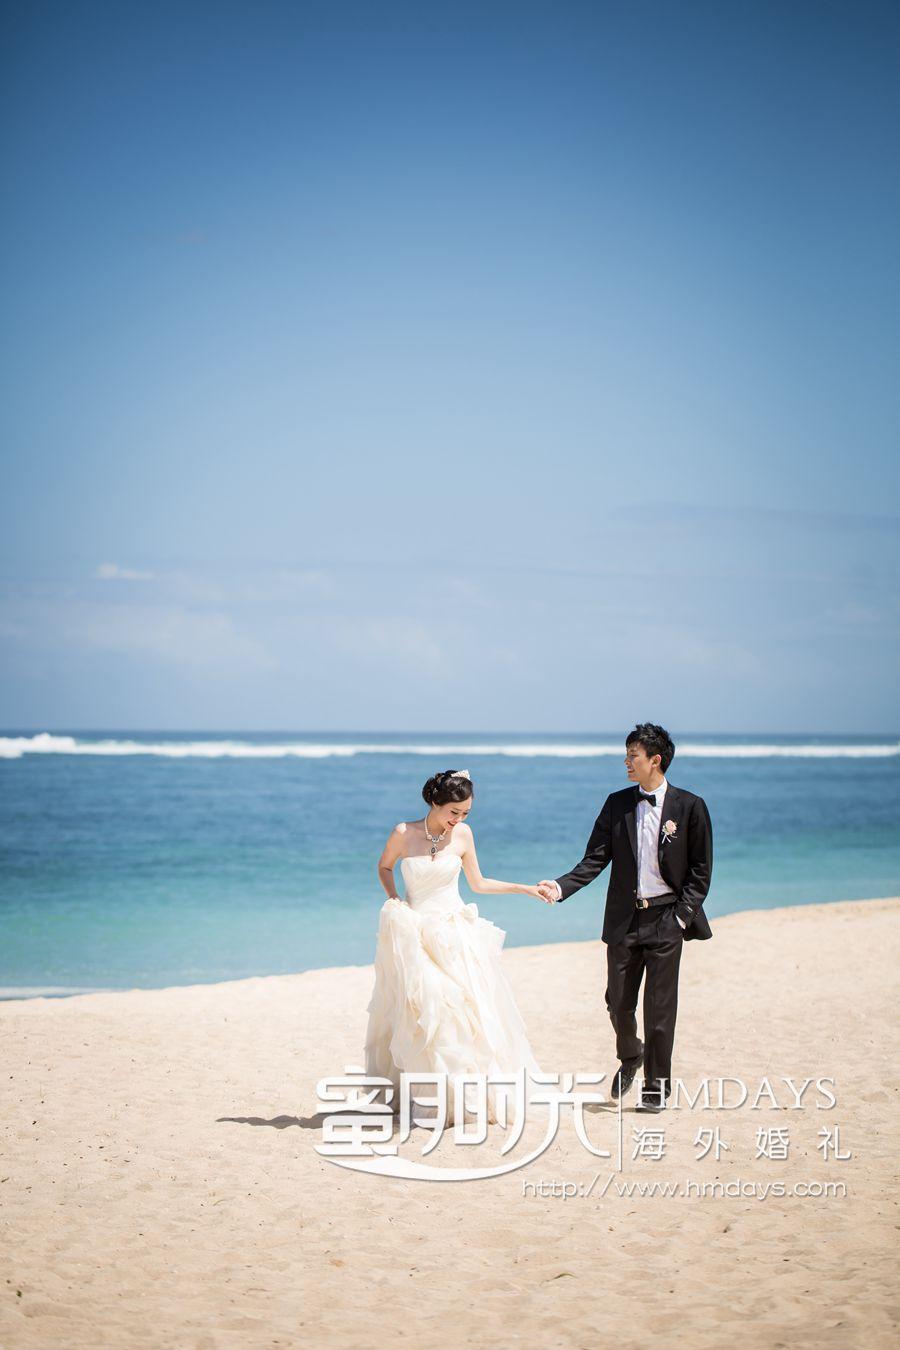 丽思卡尔顿教堂婚礼和晚宴 在酒店沙滩上拍摄外景 海外婚礼